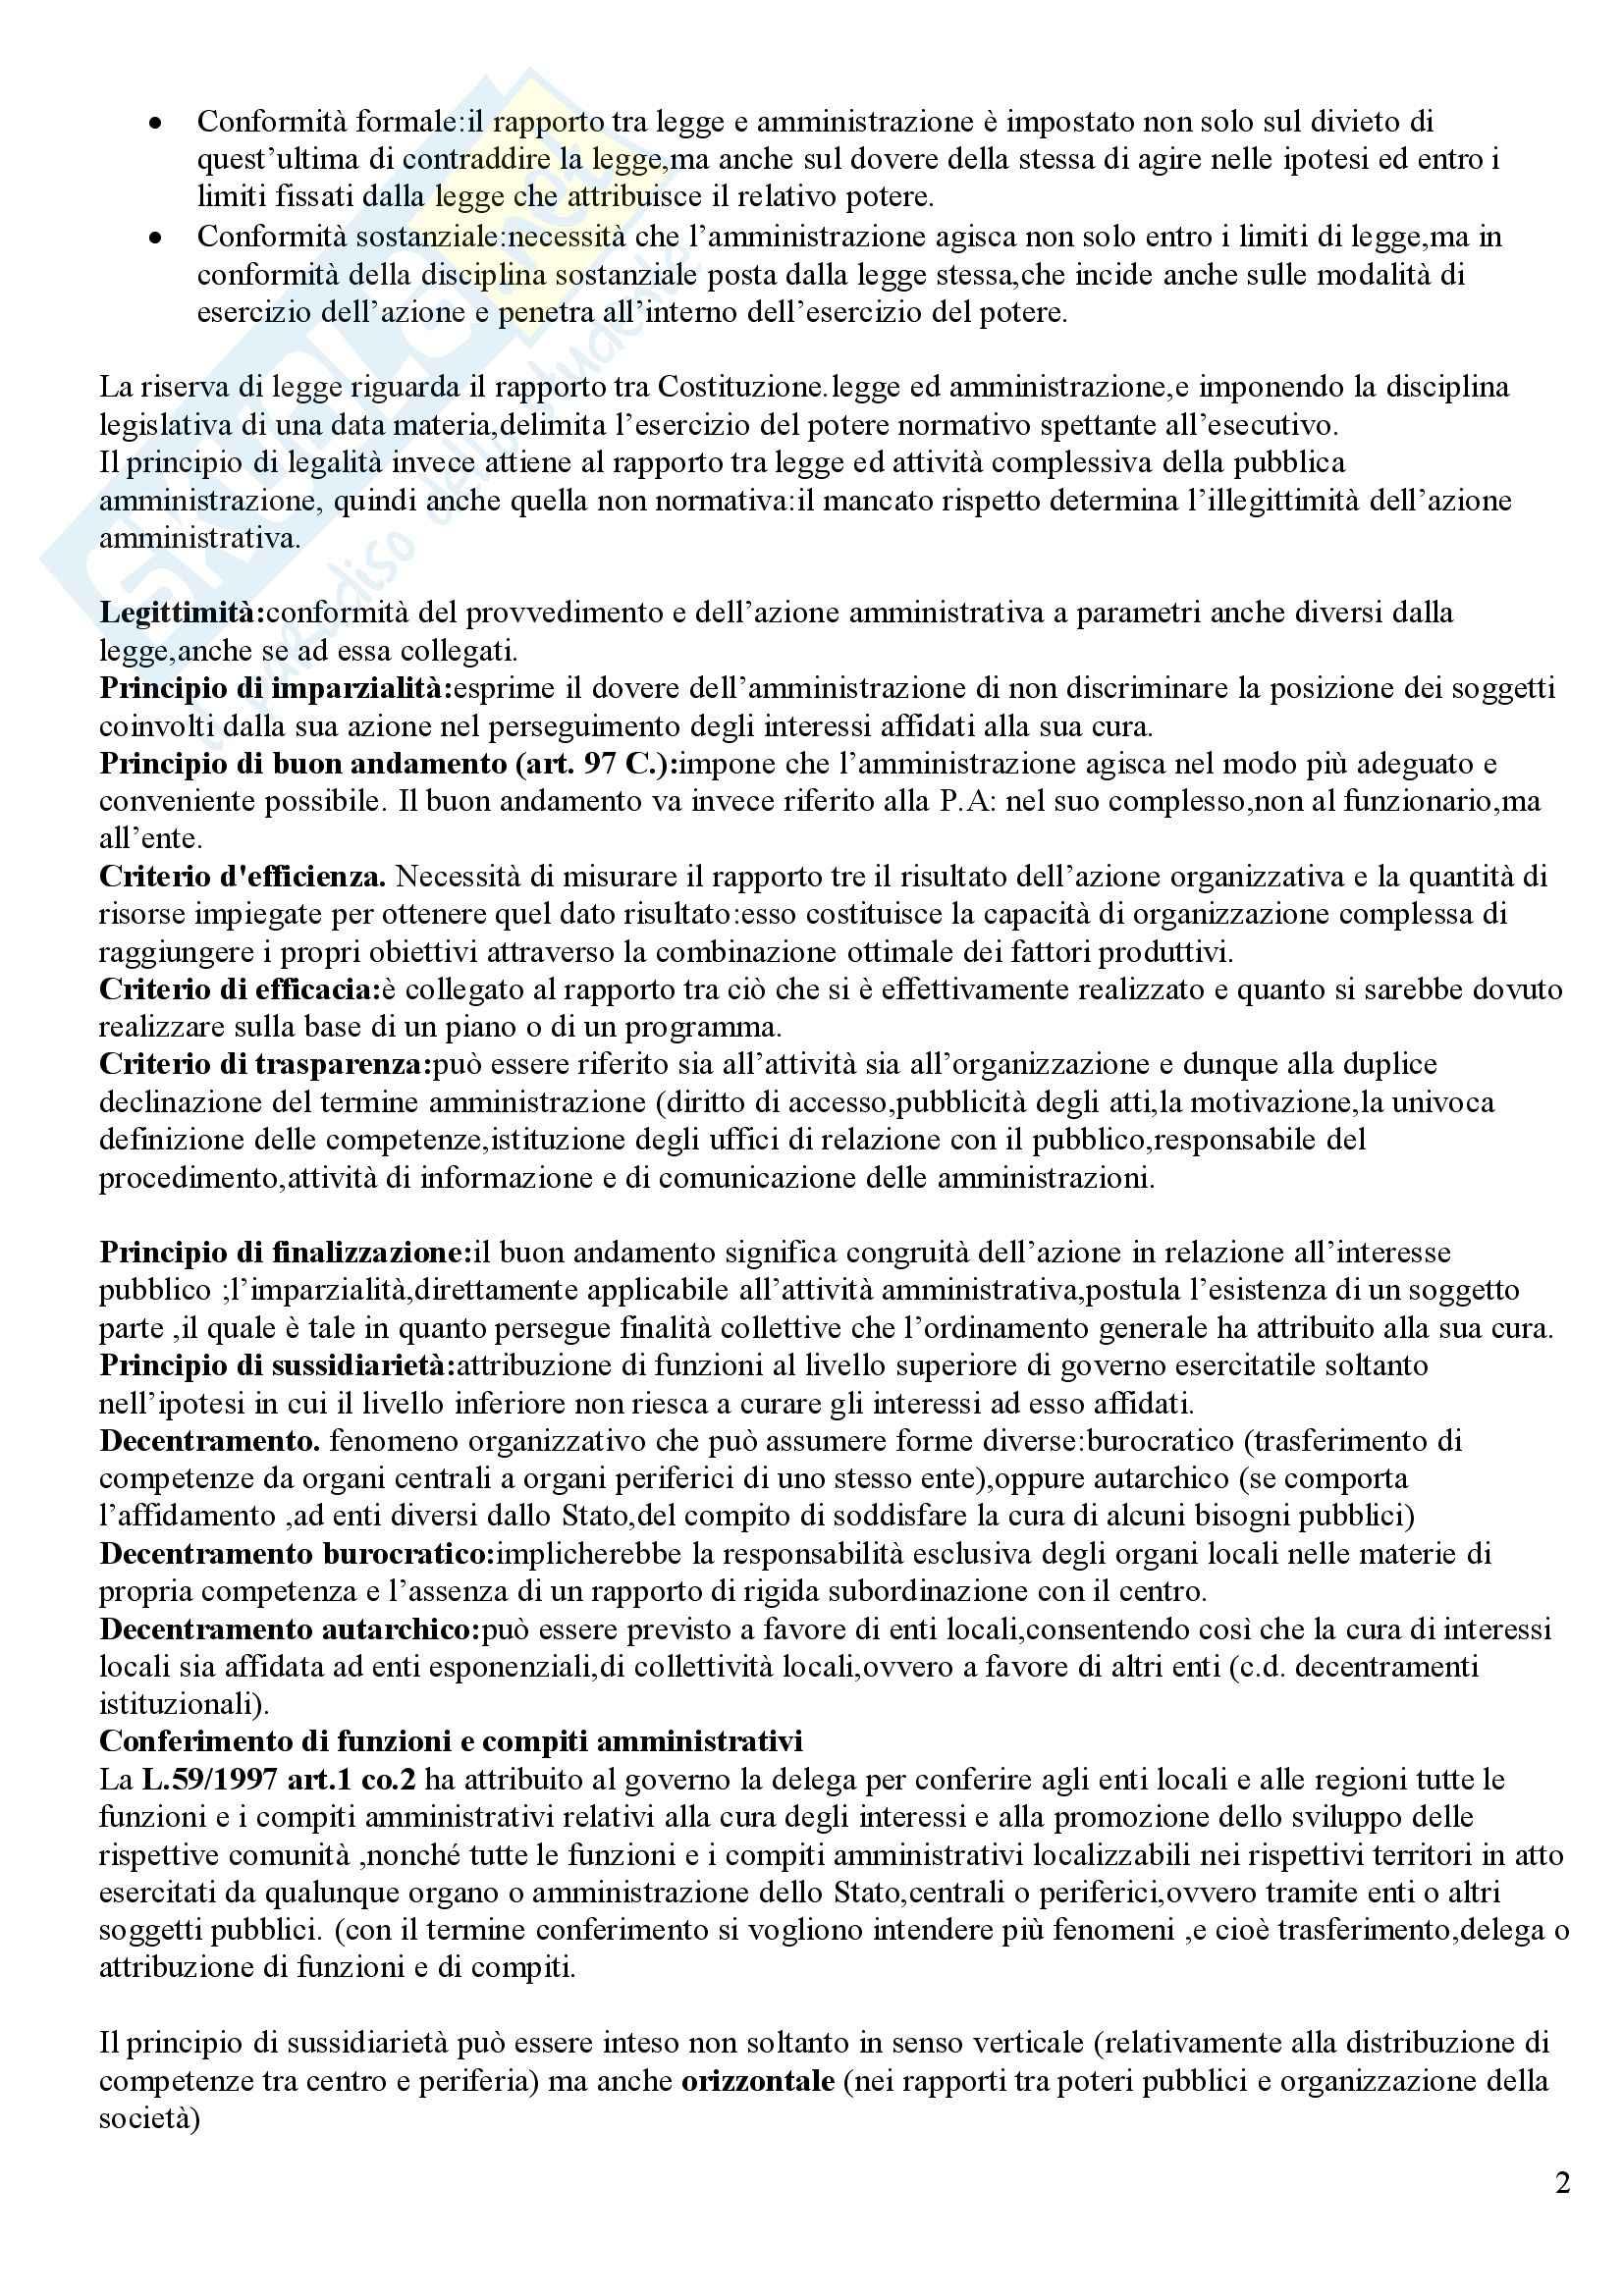 Diritto amministrativo - Riassunto esame, prof. Sandulli Pag. 2